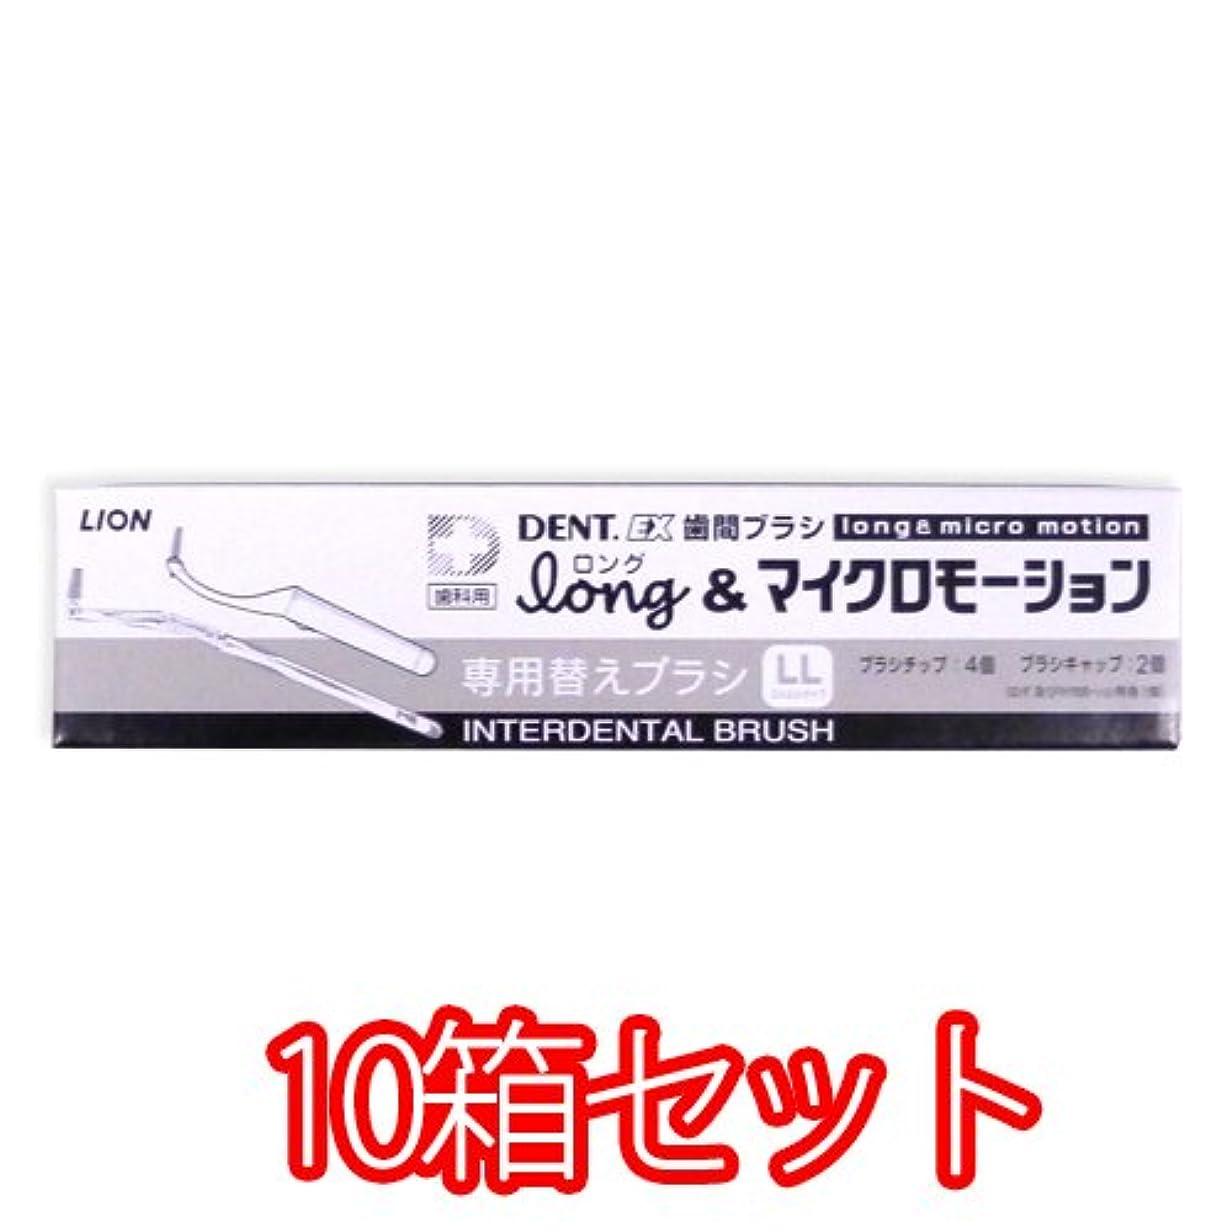 ピルファーピアグローライオン DENT . EX 歯間ブラシ long ロング & マイクロモーション 専用 替えブラシ 4本入 × 10個 LL